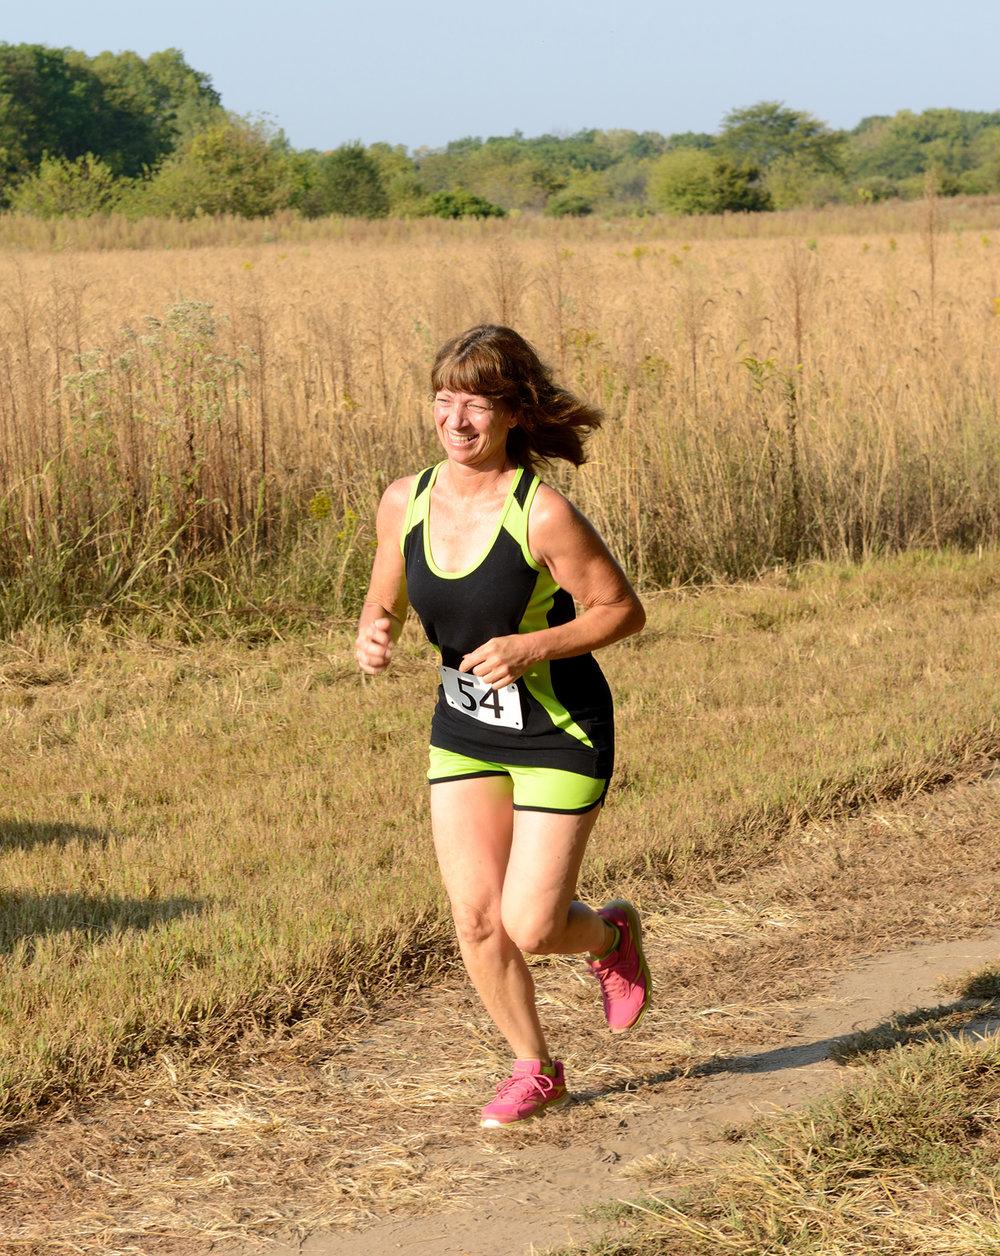 10 - Runner #54.jpg